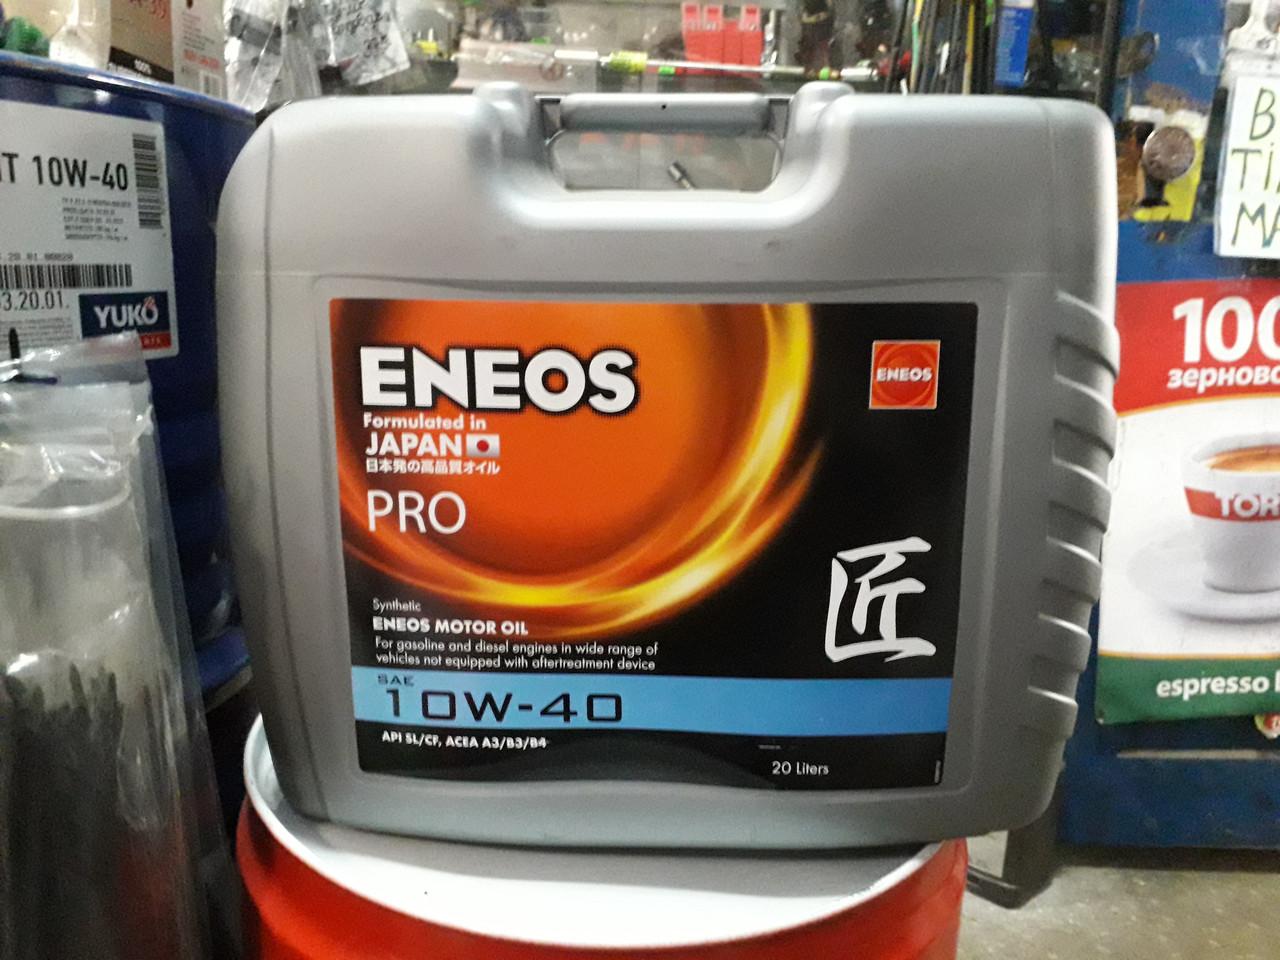 Синтетическое моторное масло ENEOS Premium 10W-40, 20л